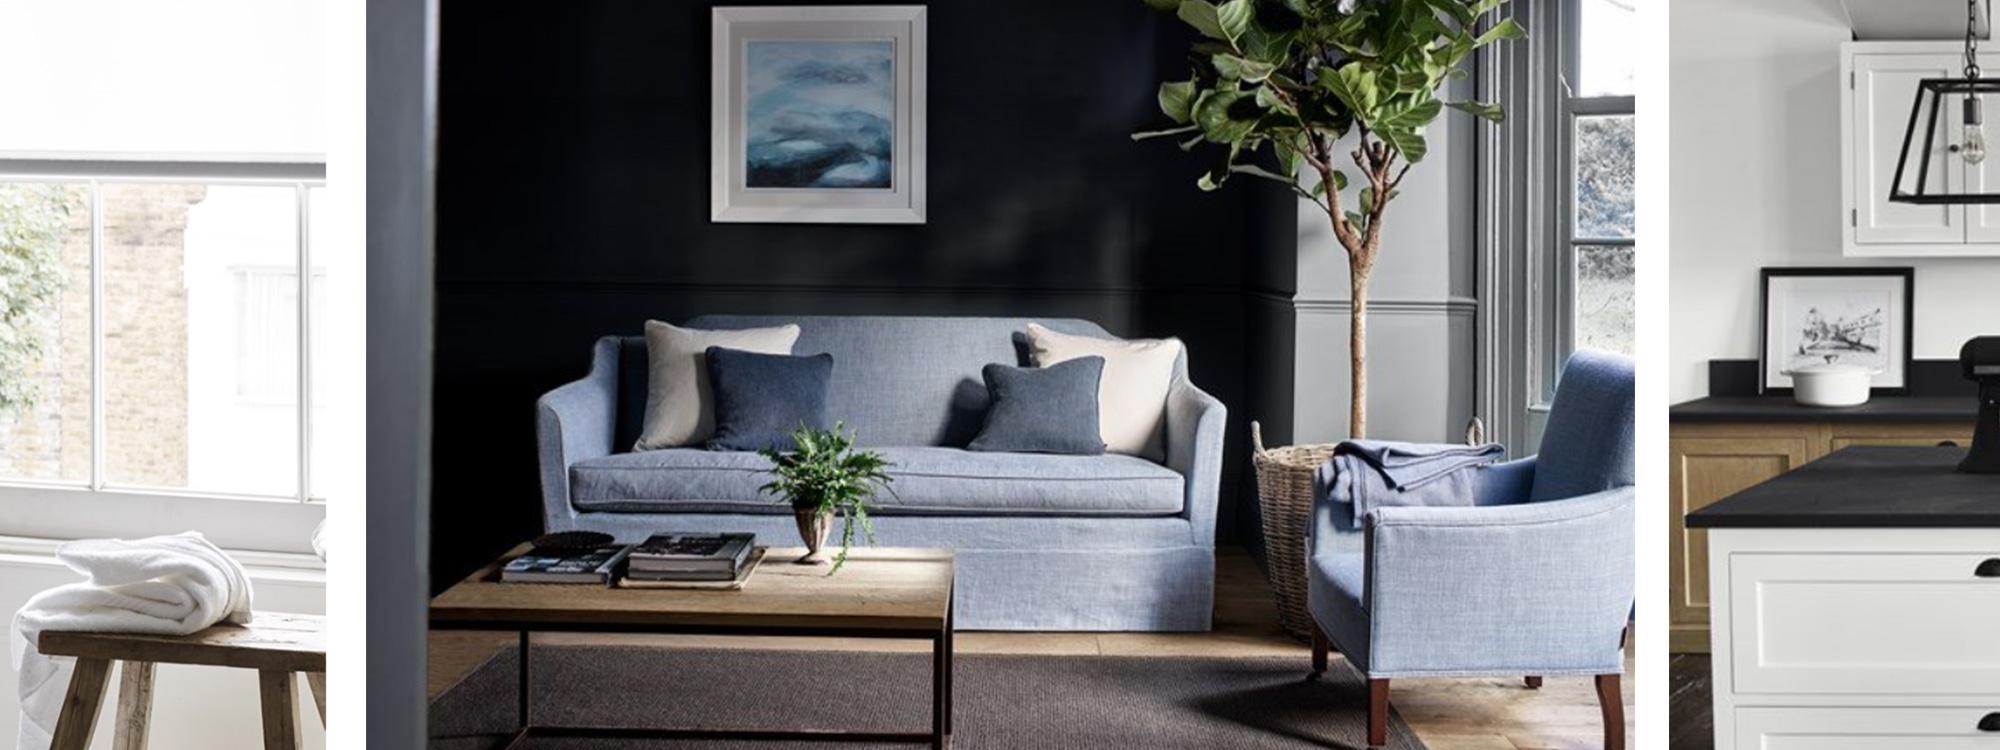 Mobilier De Jardin Alpes Maritimes etat d'esprit décoration est décorateur d'intérieur à nice